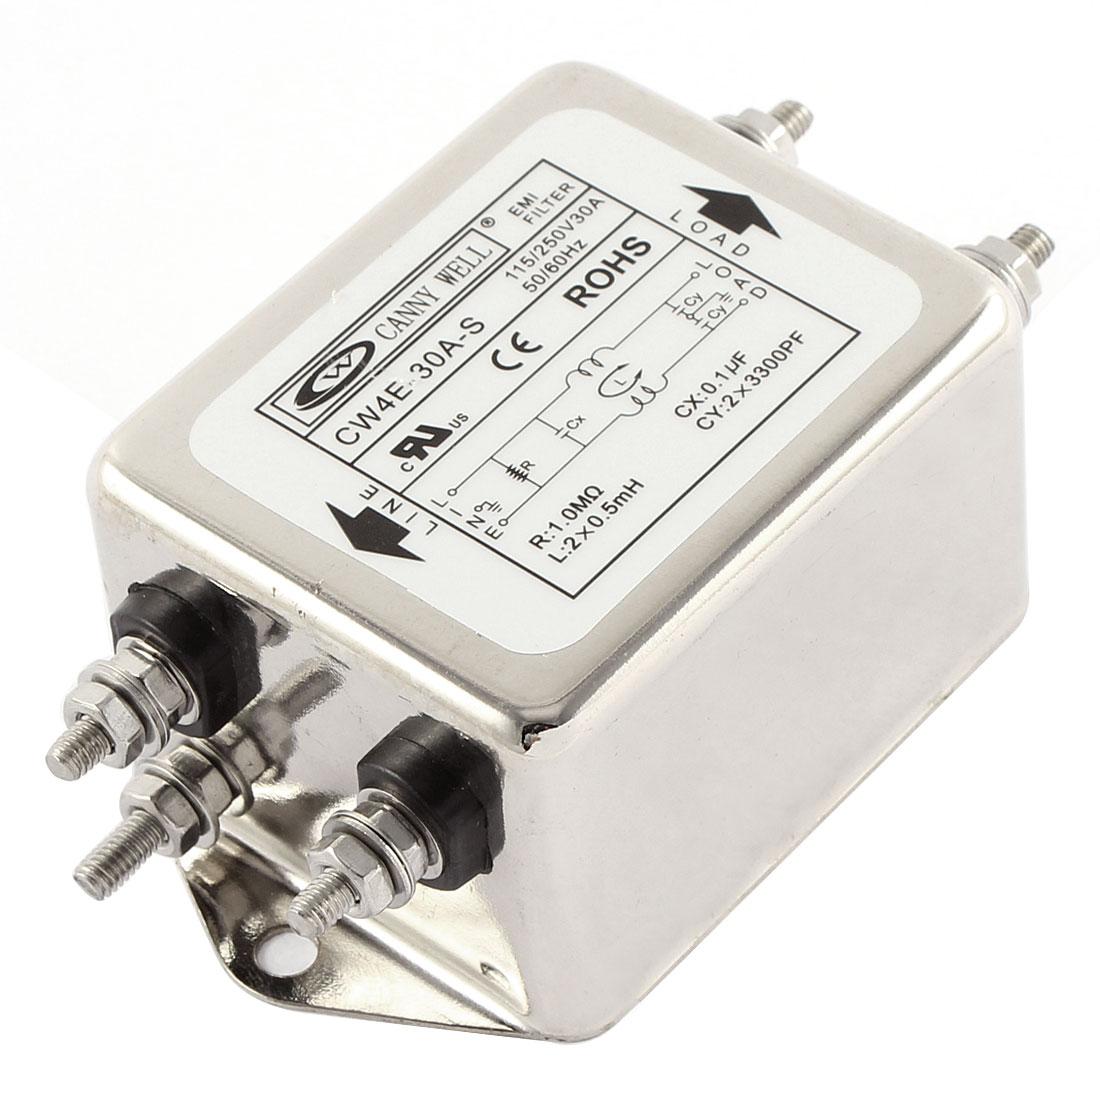 AC 115/250V 30A CW4E-30A-S Noise Suppressor Power EMI Filter